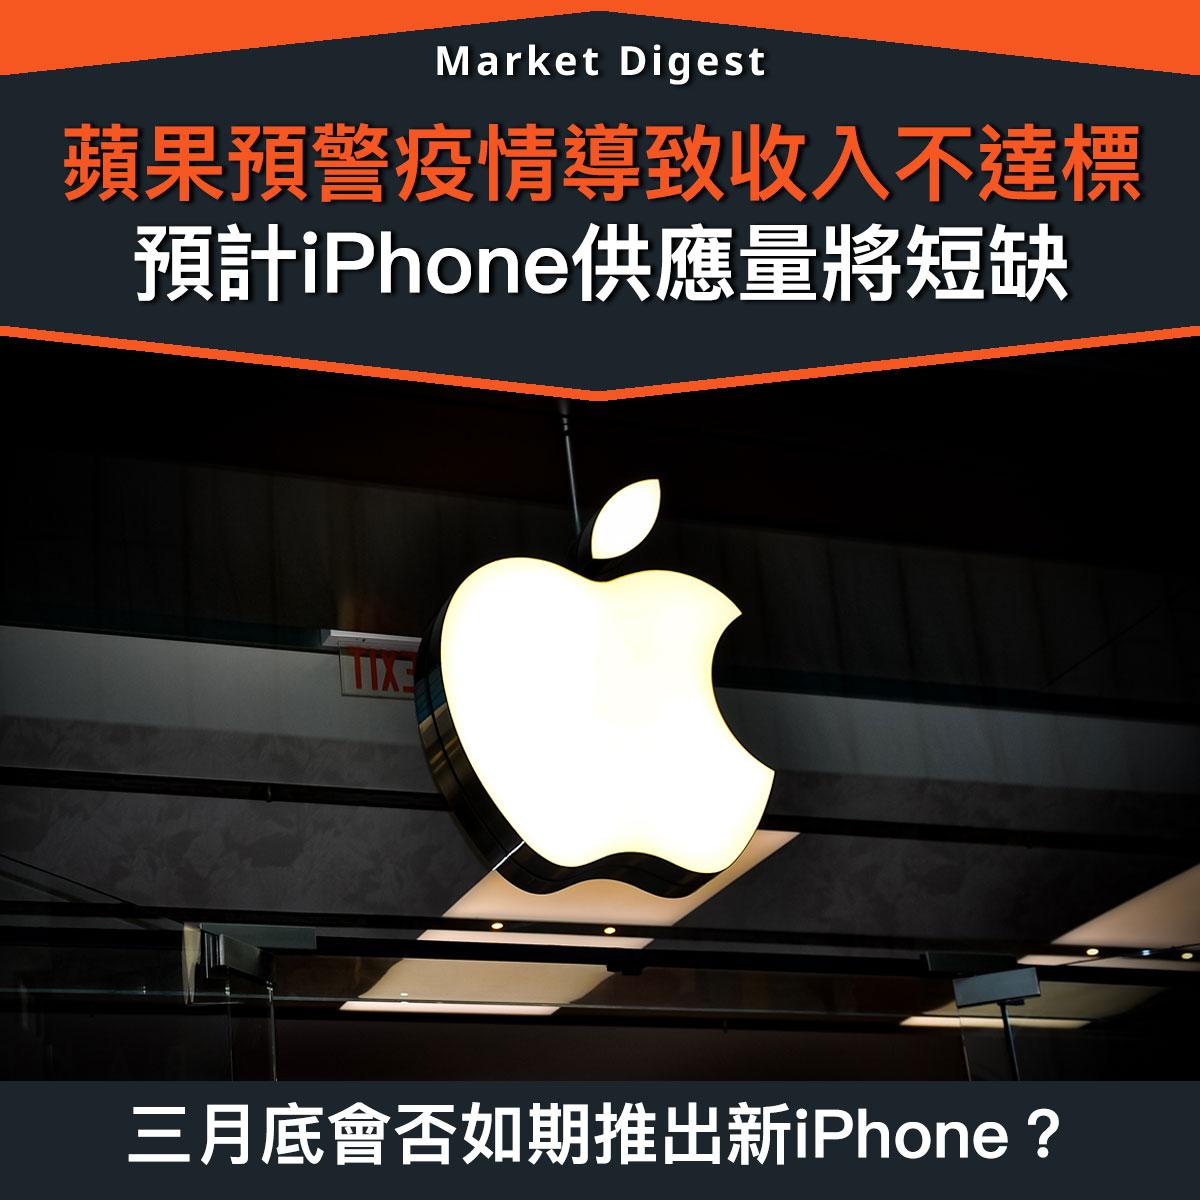 【武漢肺炎】蘋果預警疫情導致收入不達標,預計iPhone供應量將短缺